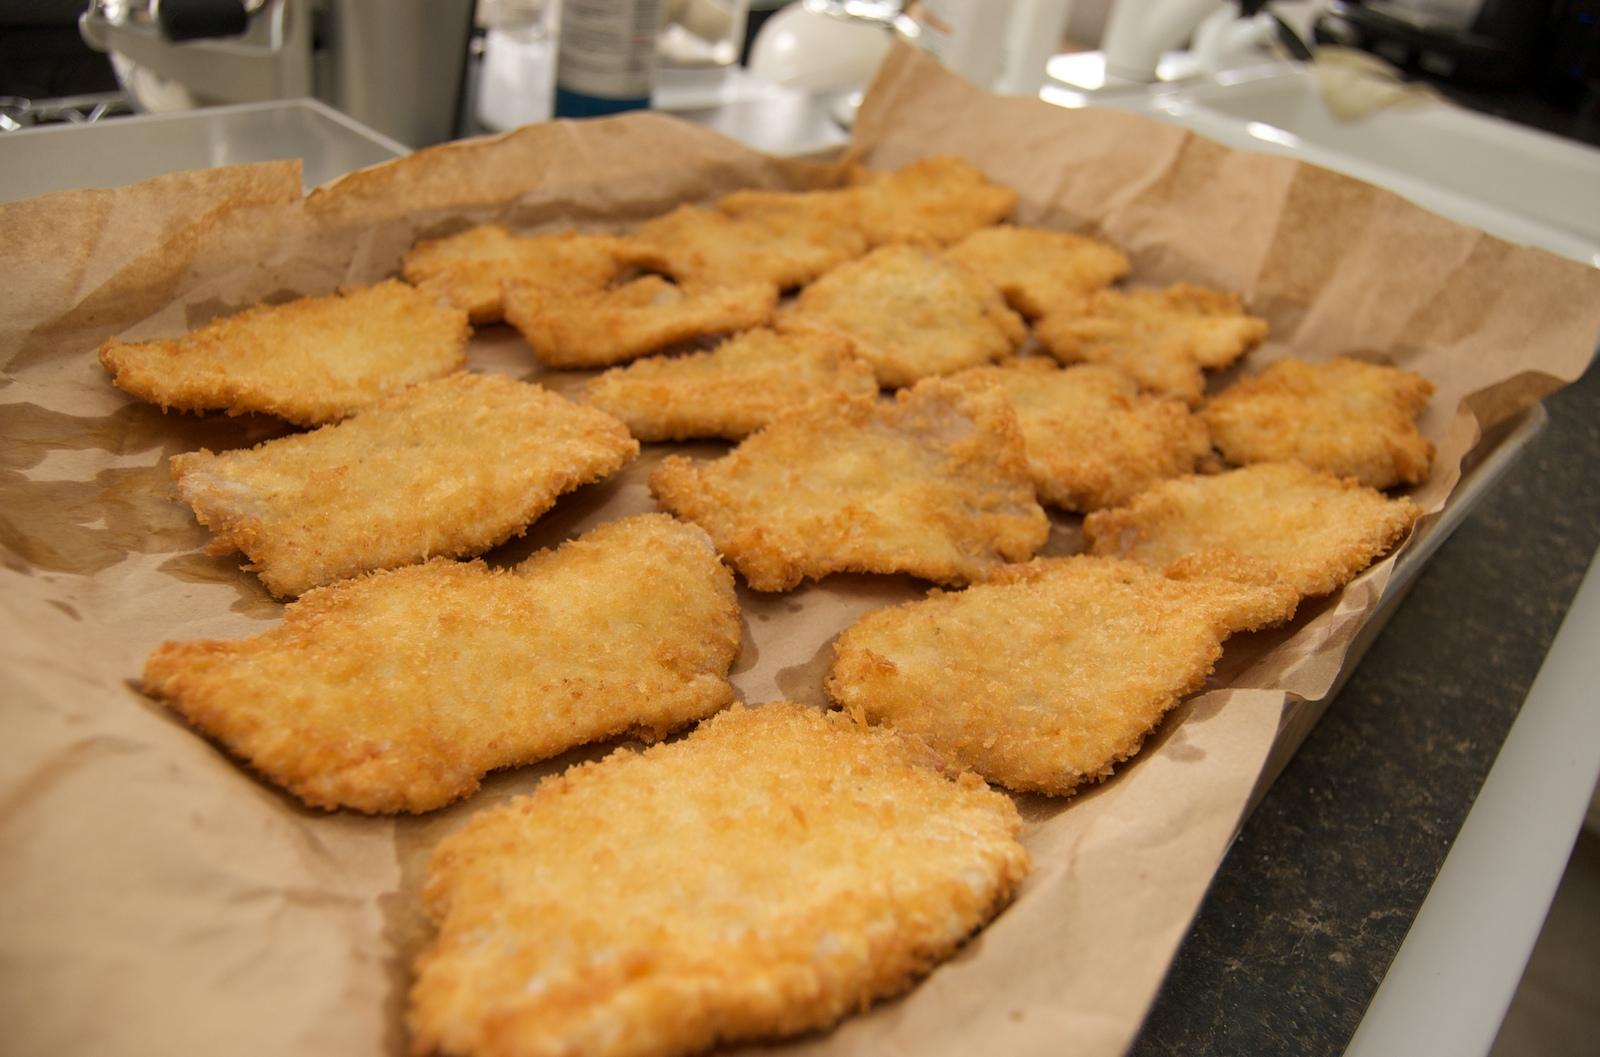 http://blog.rickk.com/food/2010/03/21/tonkatsu8.jpg